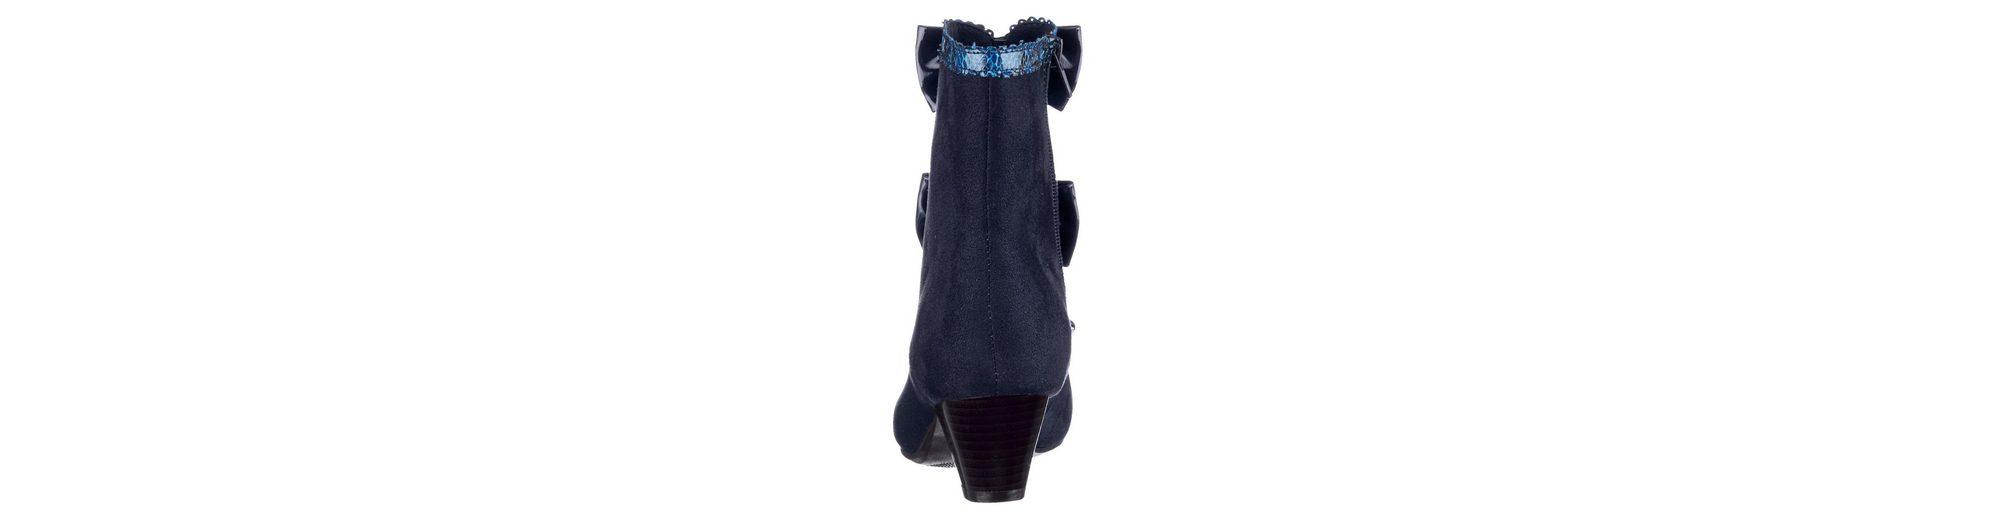 Freies Verschiffen Große Auswahl An Liva Loop Stiefelette im extravaganten Look Spielraum Mode-Stil Billig Authentisch Unter 50 Dollar 58CdlgVlT